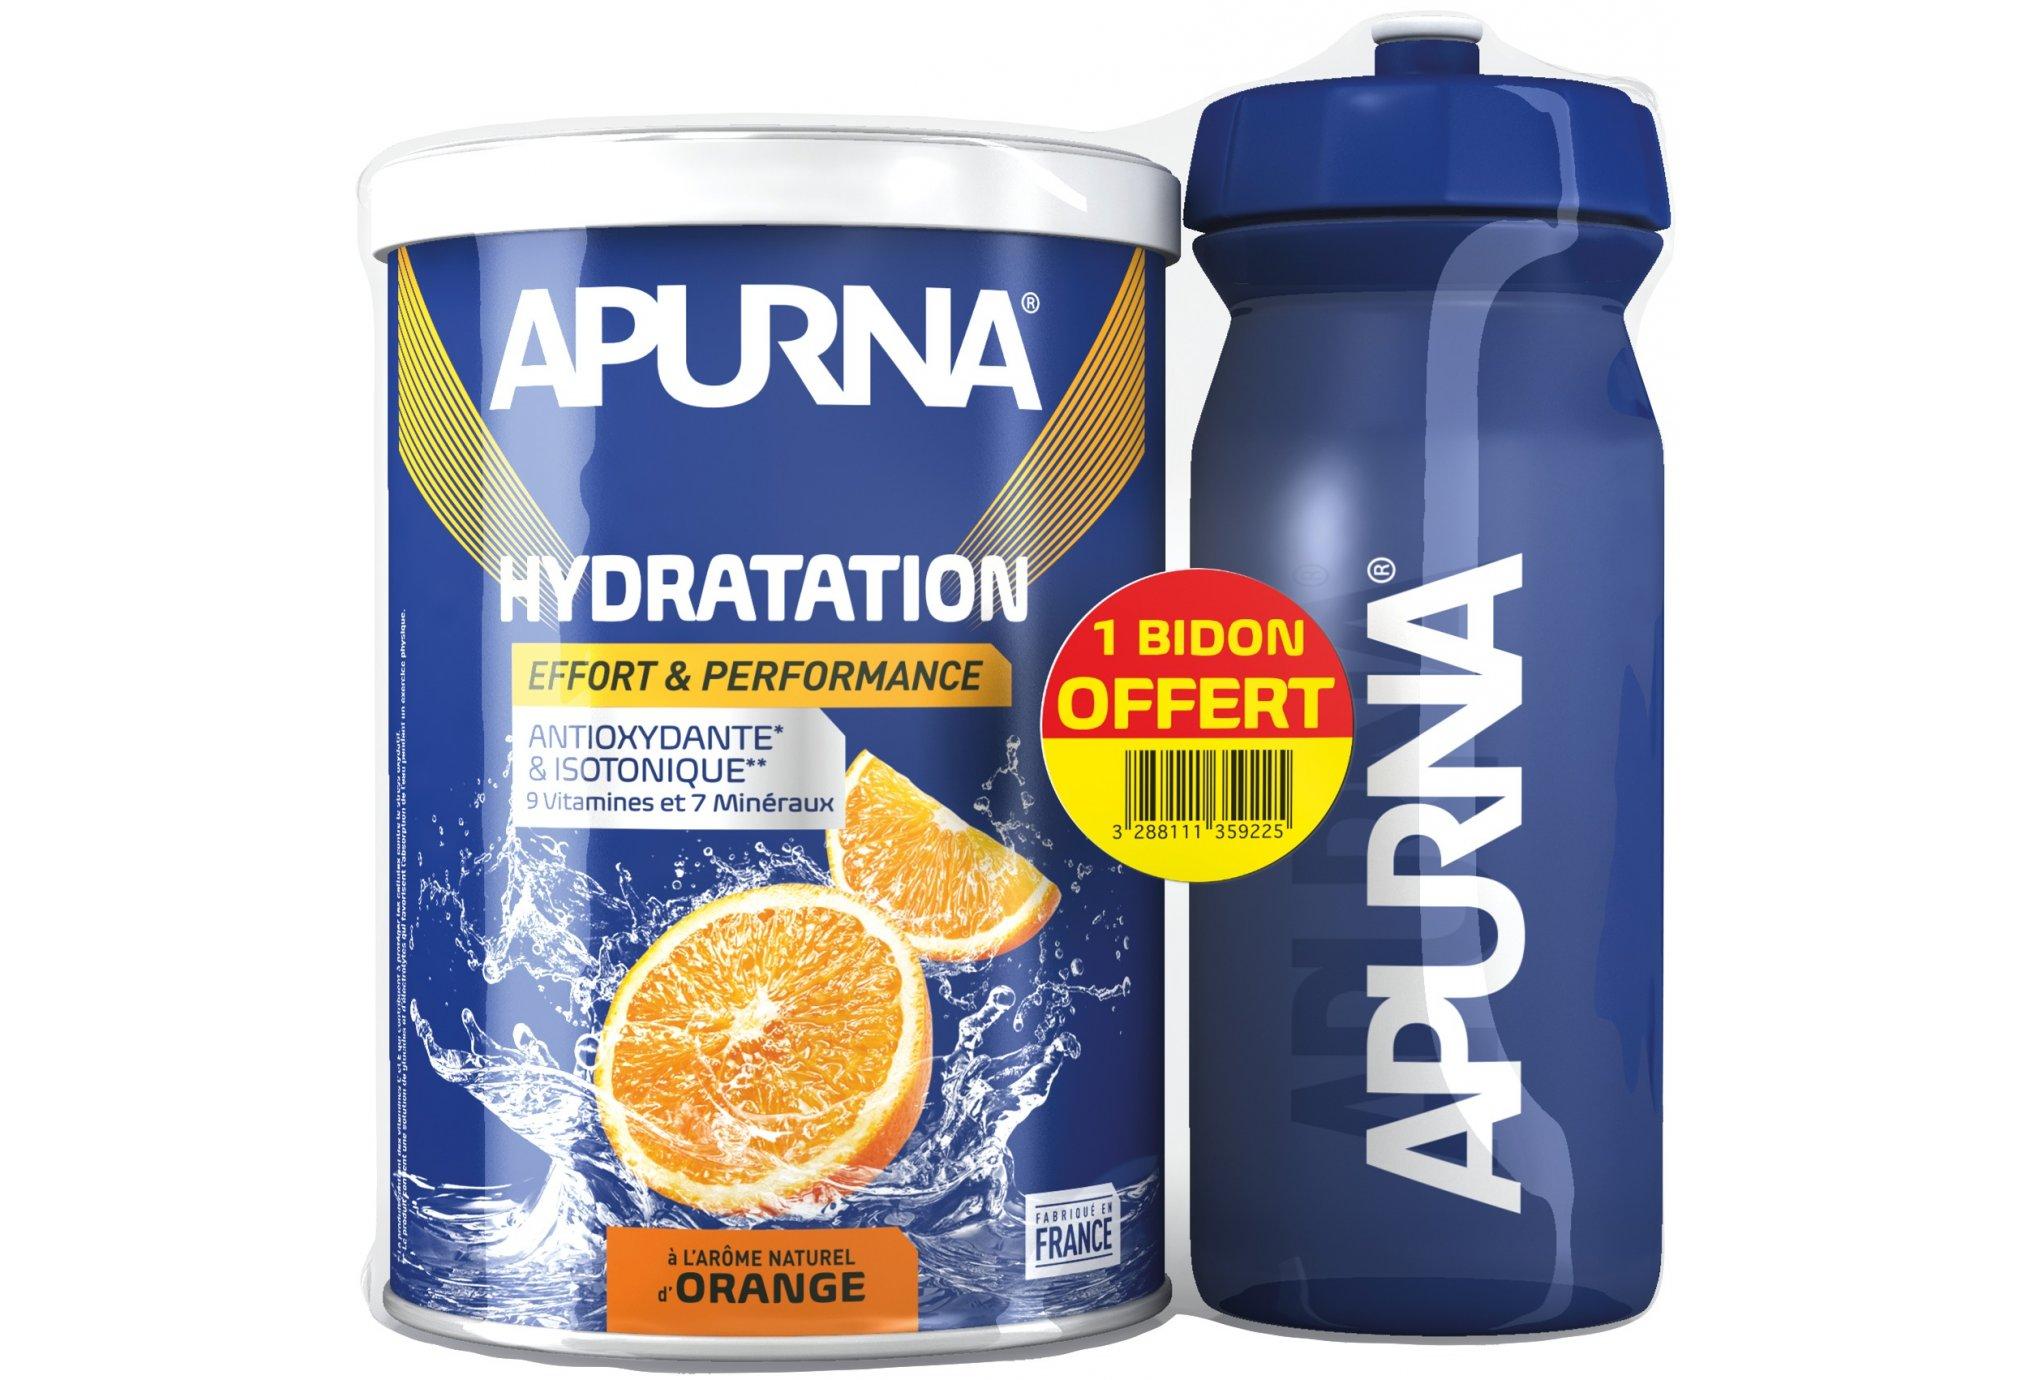 Apurna Préparation Hydratation - Orange + Bidon Offert Diététique Boissons